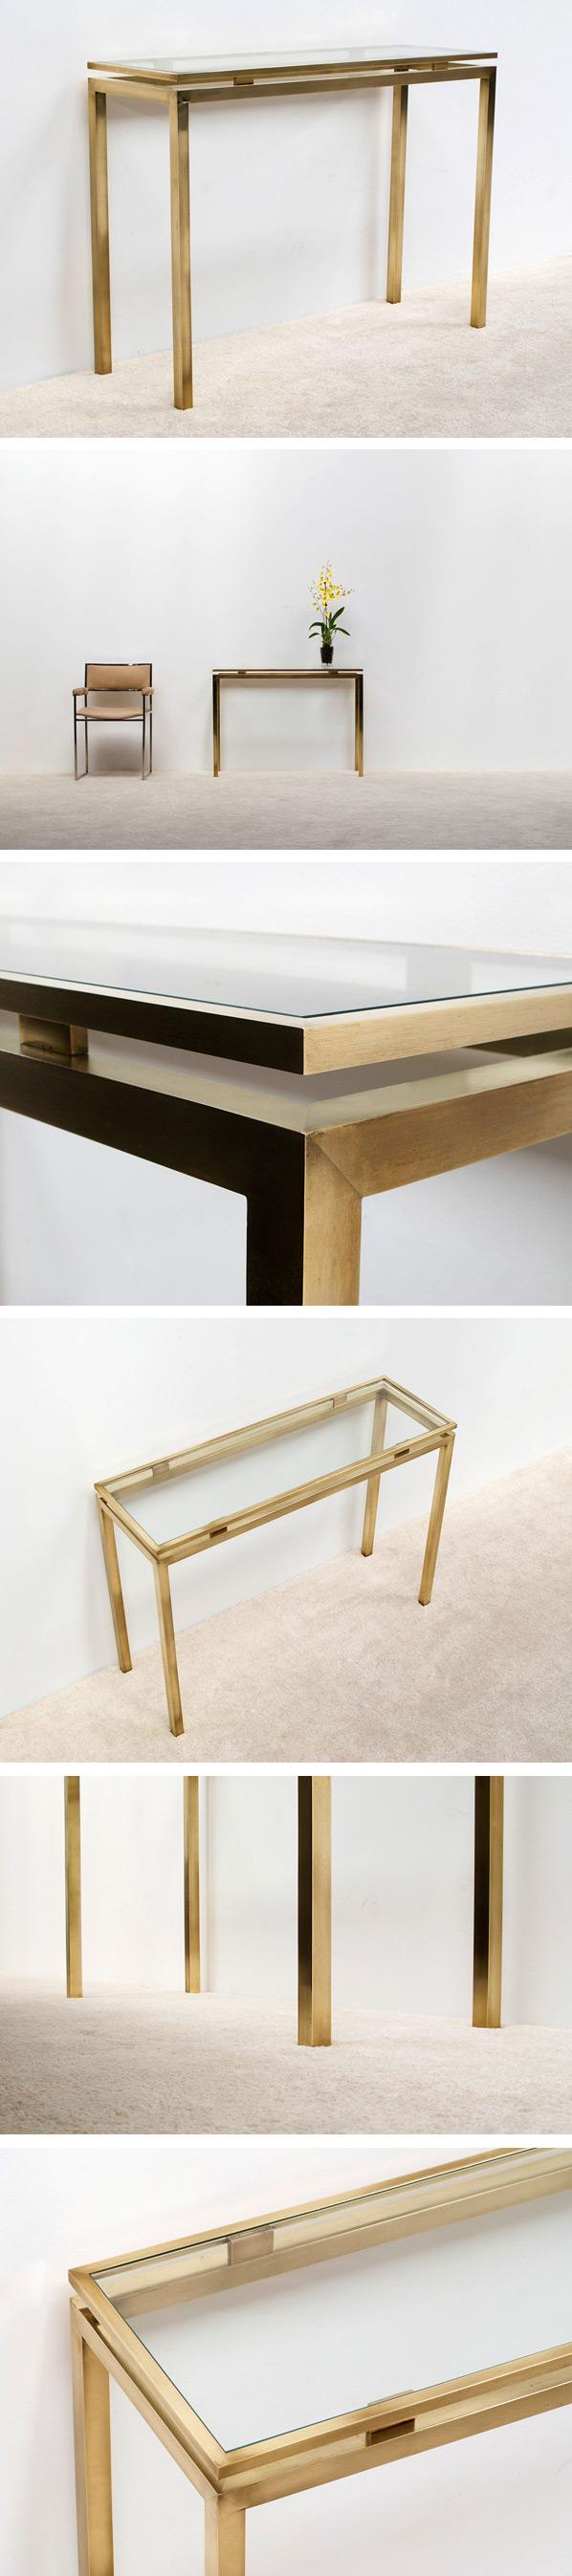 Guy Lefevre brass console table Maison Jansen Large